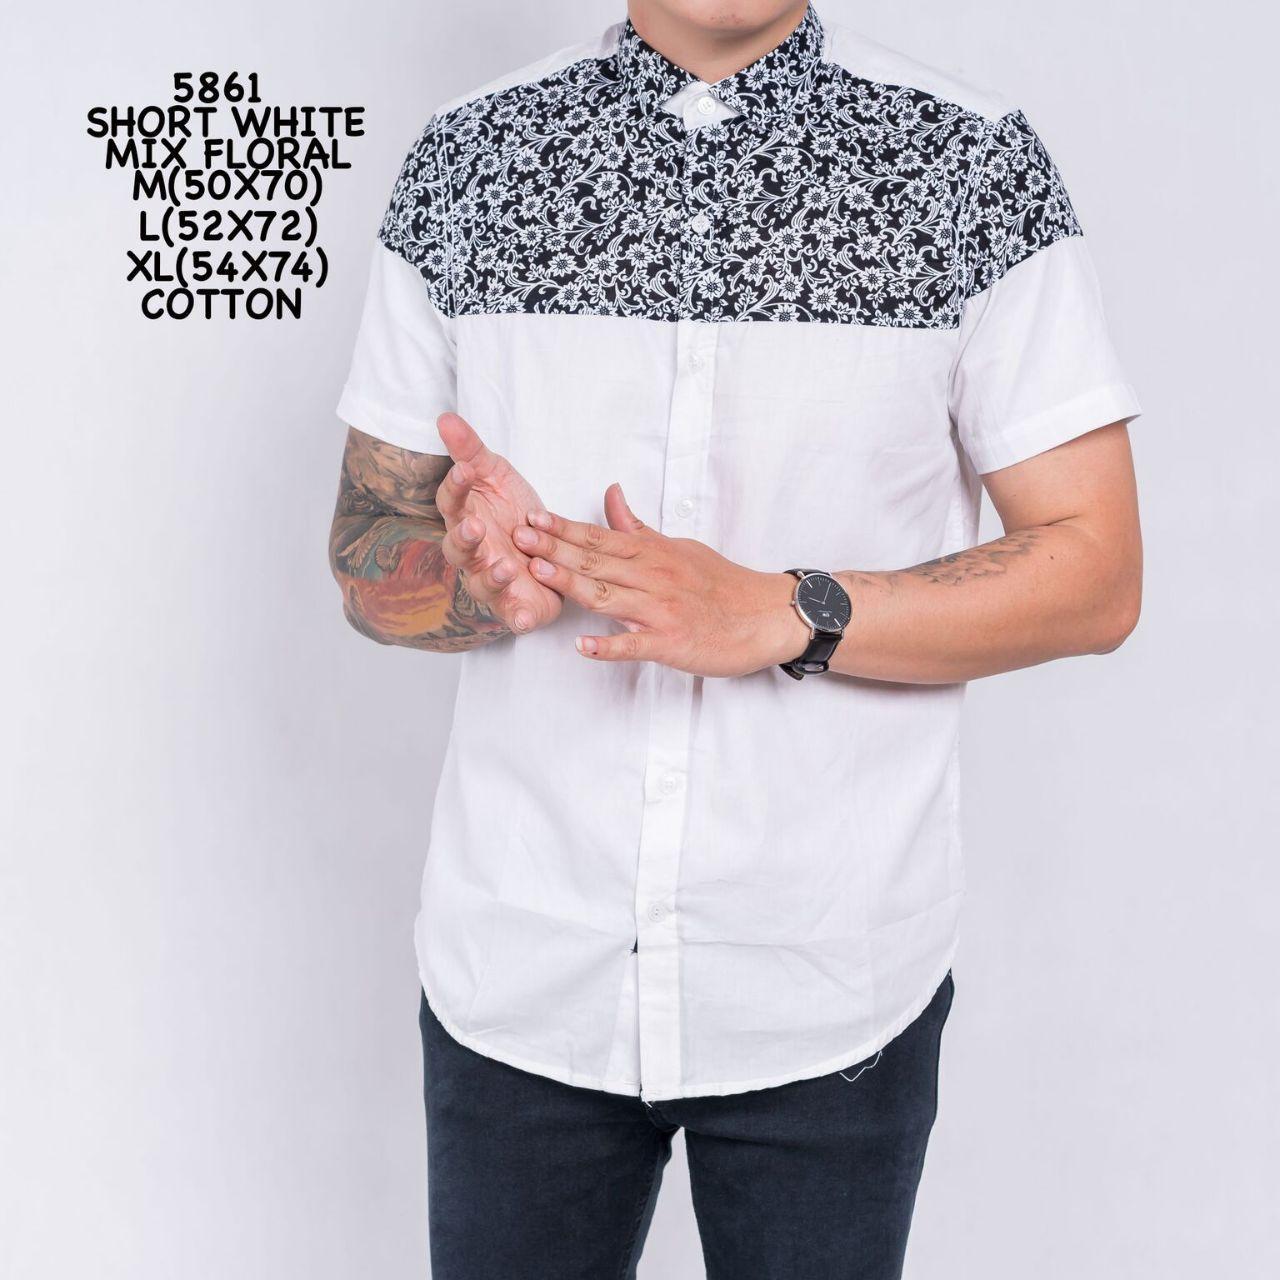 Beli Kemeja Pria Murah Polos Slimfit Baju Formal Cowok Lengan Panjang Kemeja Resmi Keren Distro Premium Baru